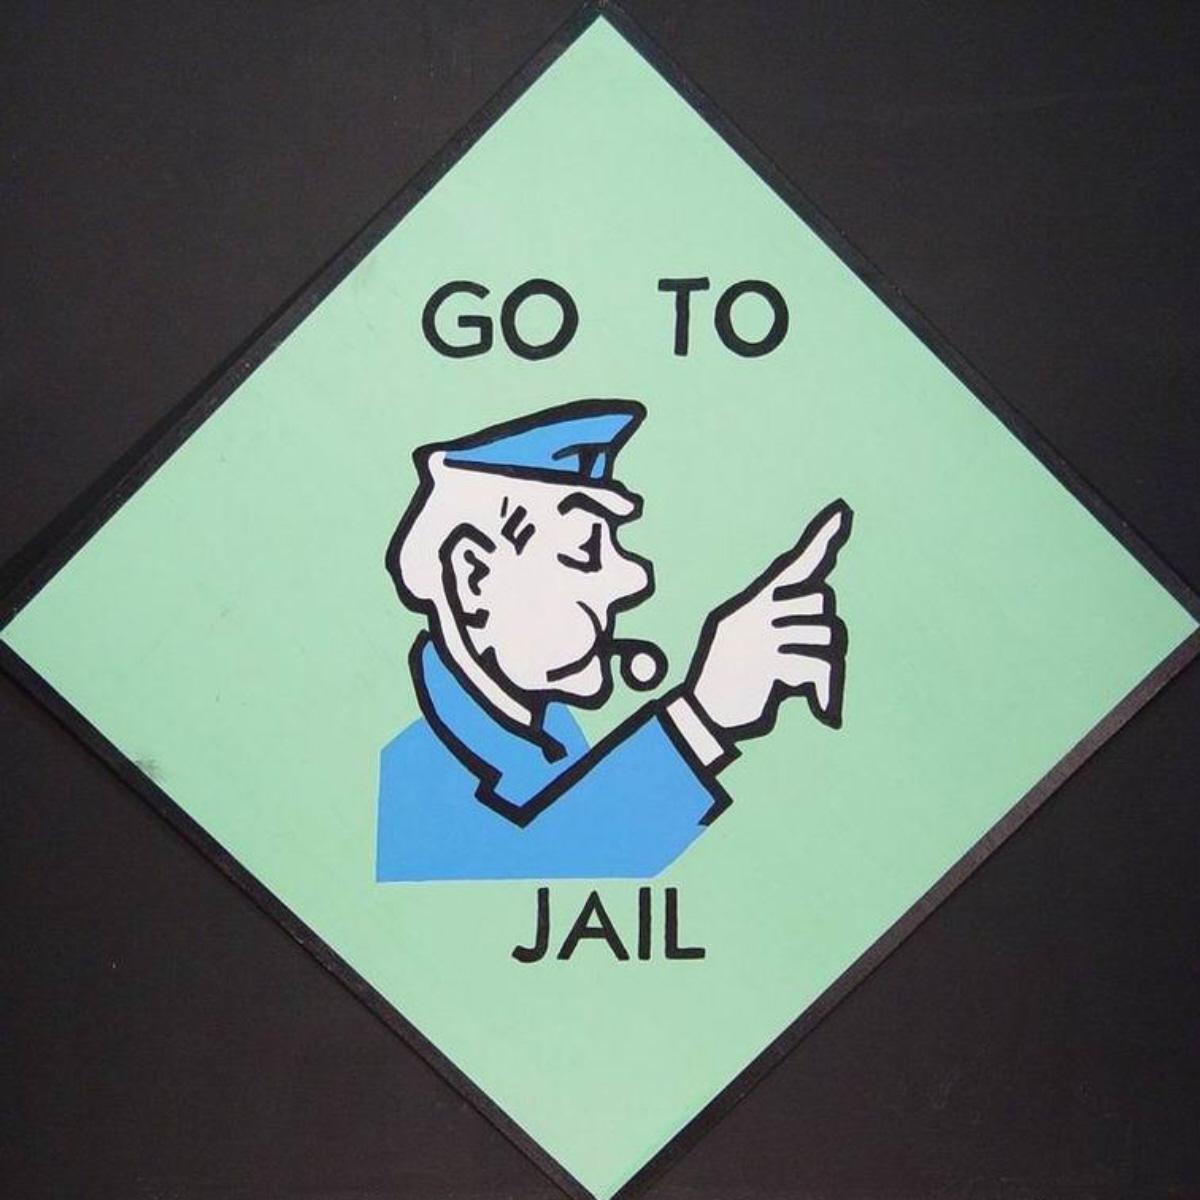 myth 12 the uninsured will go to jail third way